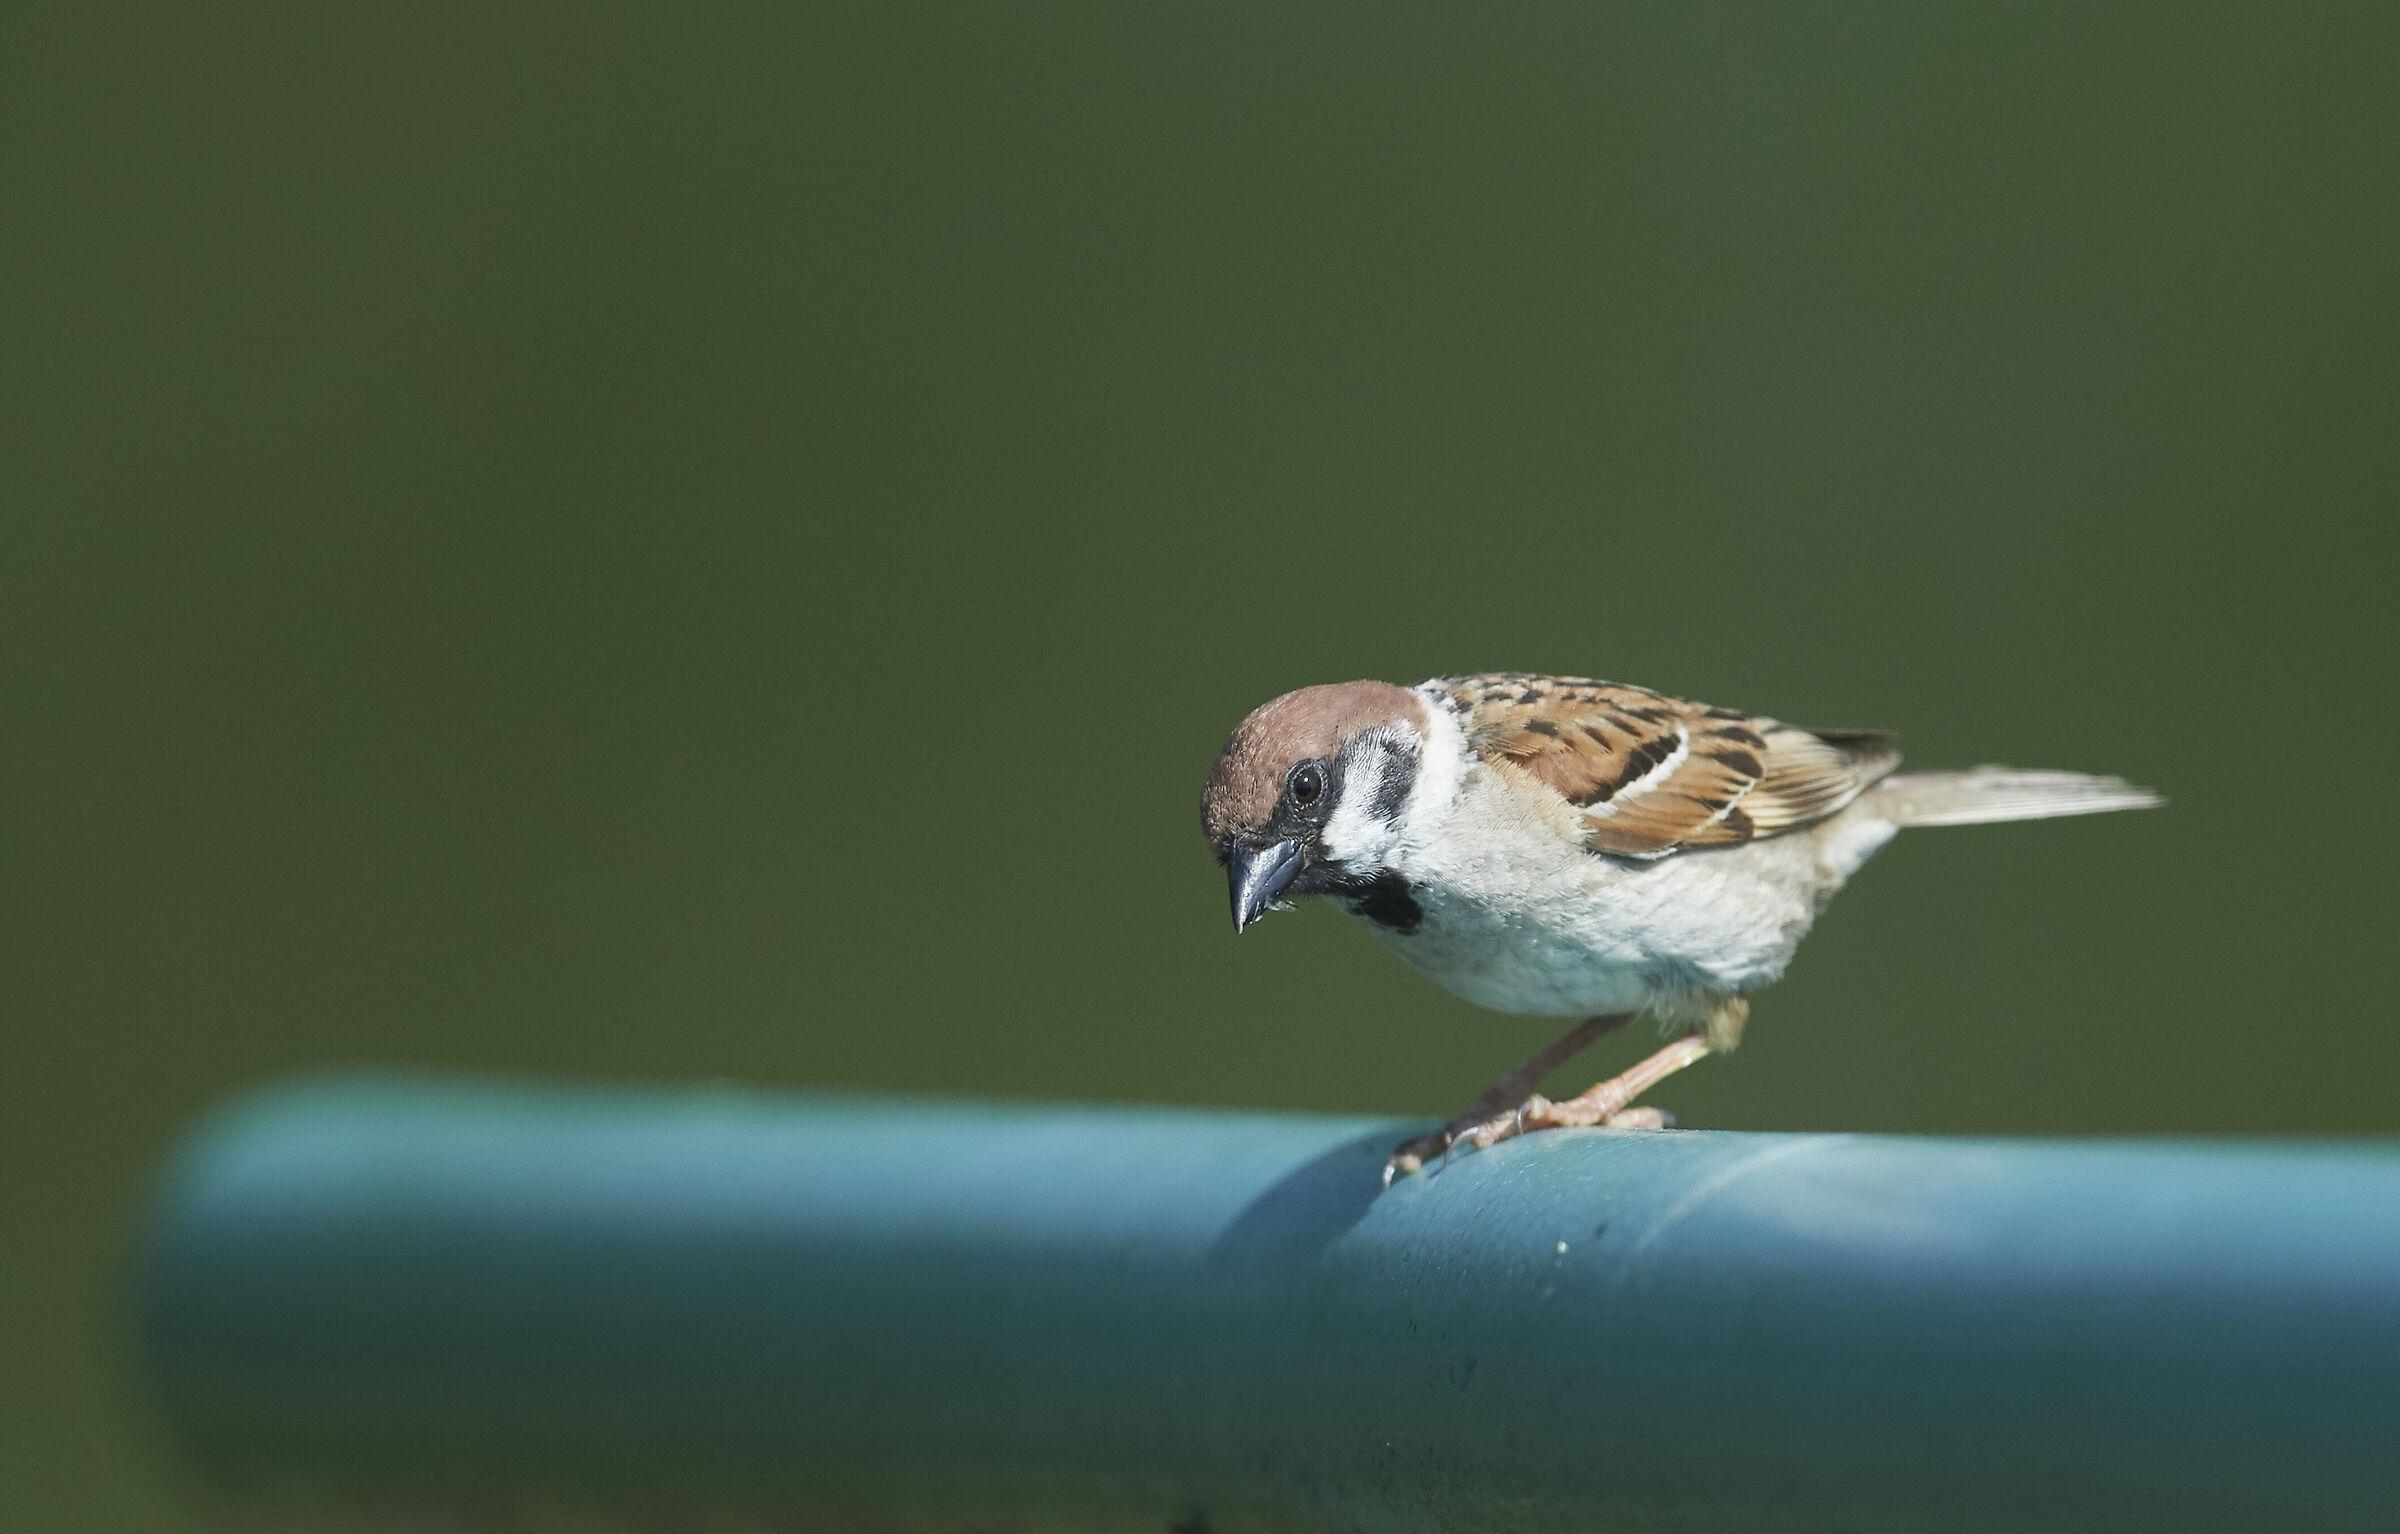 Just a House Sparrow...